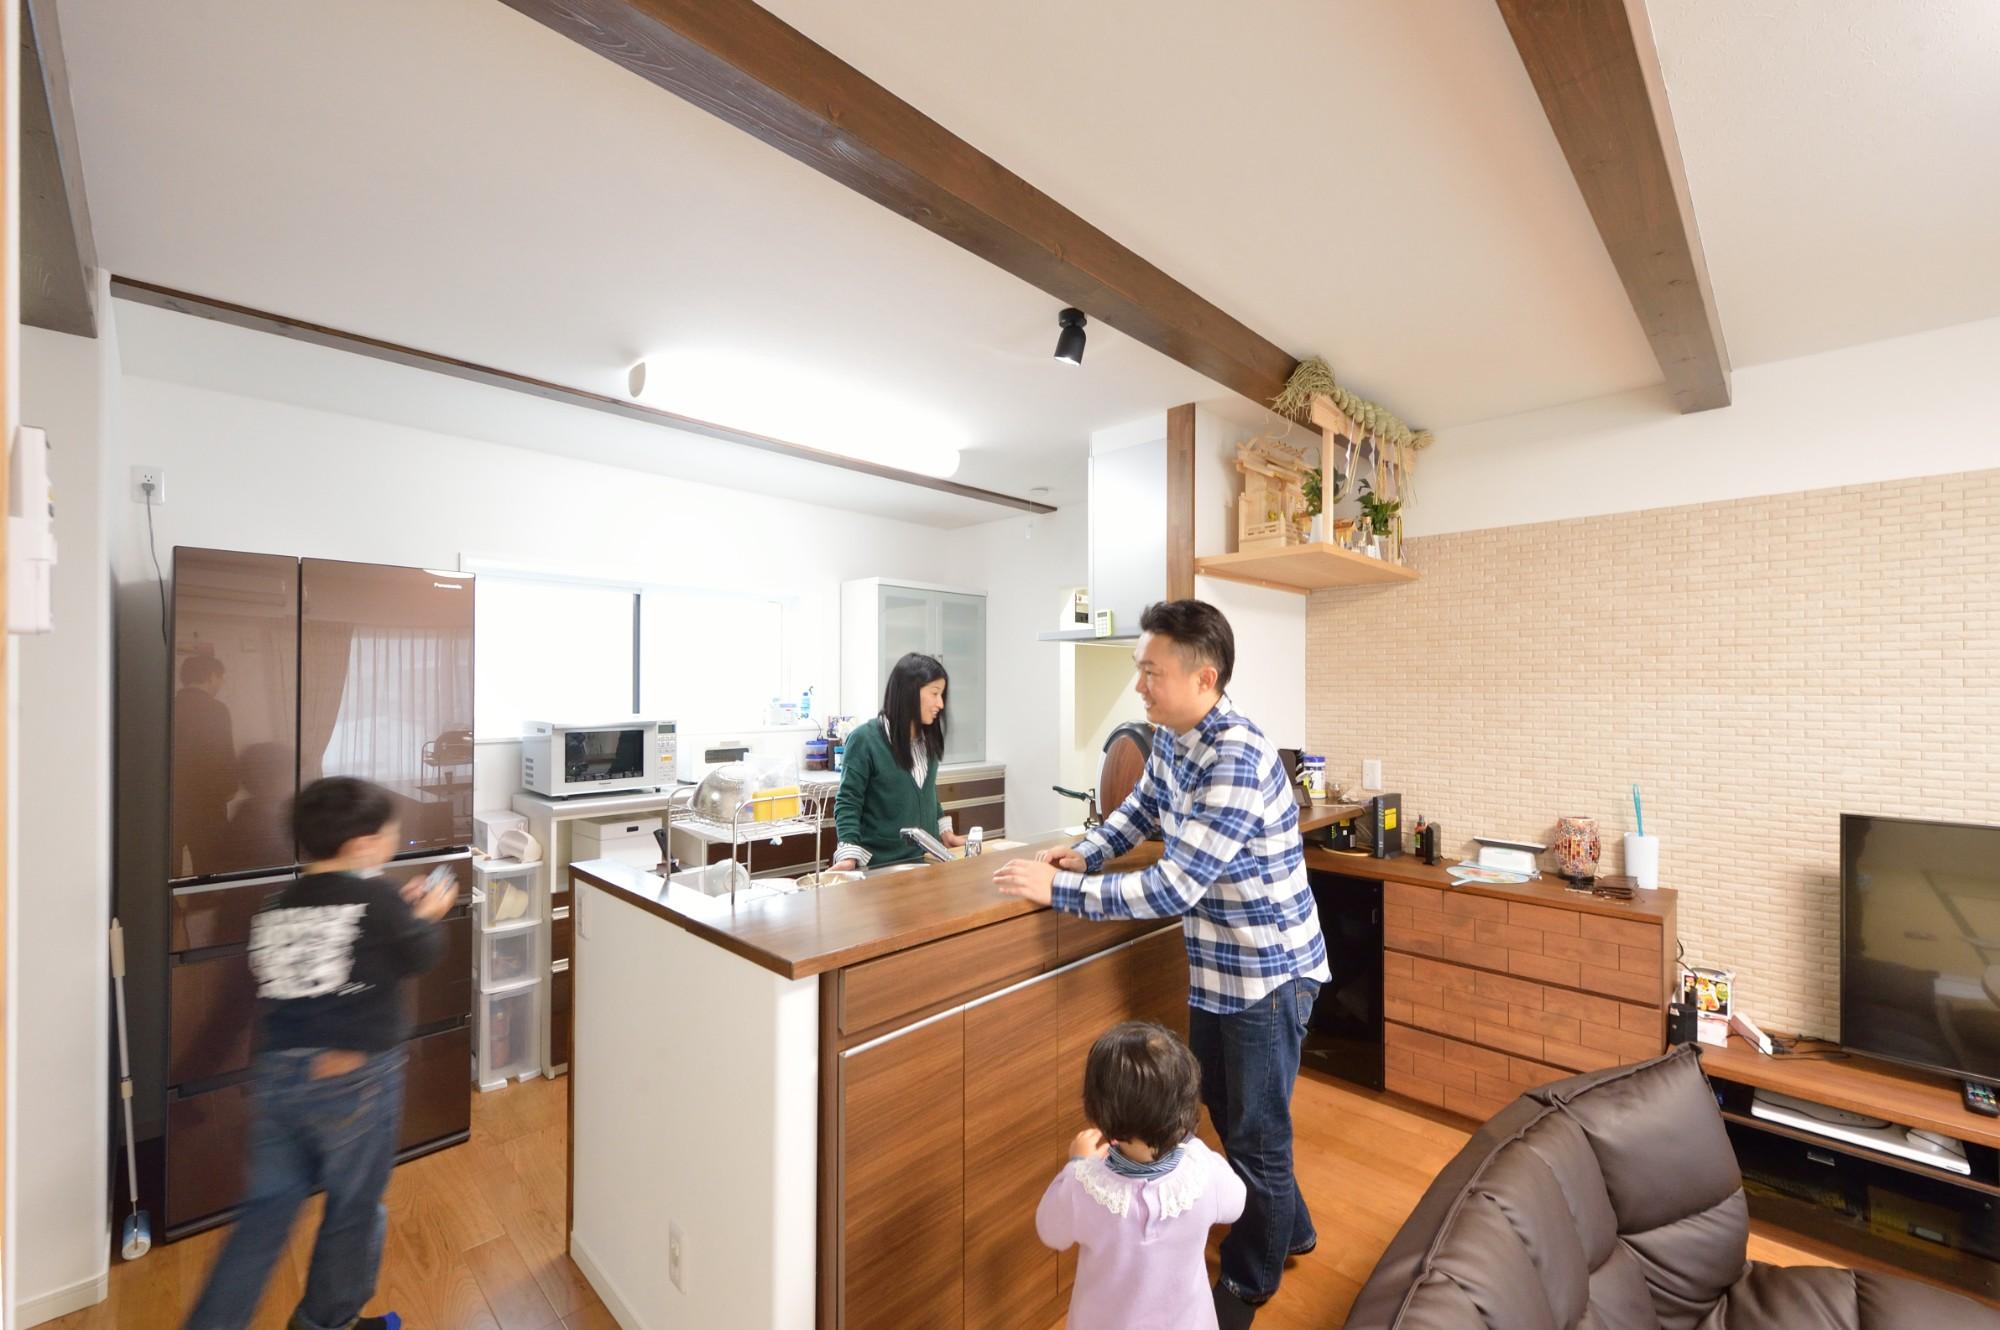 家'Sハセガワ株式会社「Spring share house ~春を分けあう家~」のシンプル・ナチュラルなキッチンの実例写真